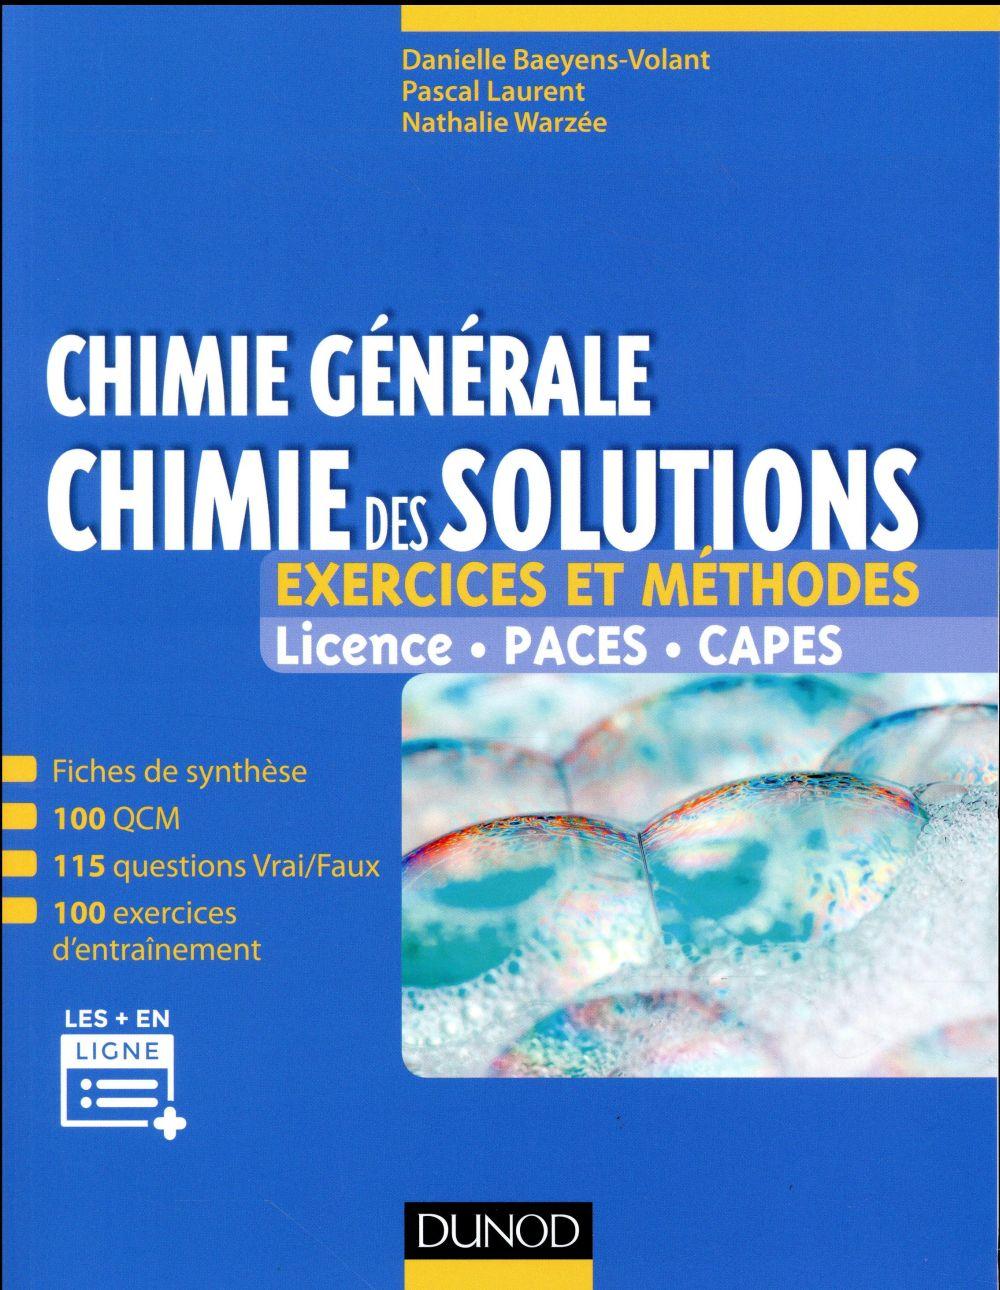 Chimie générale : chimie des solutions - exercices et methodes  - exercices et methodes